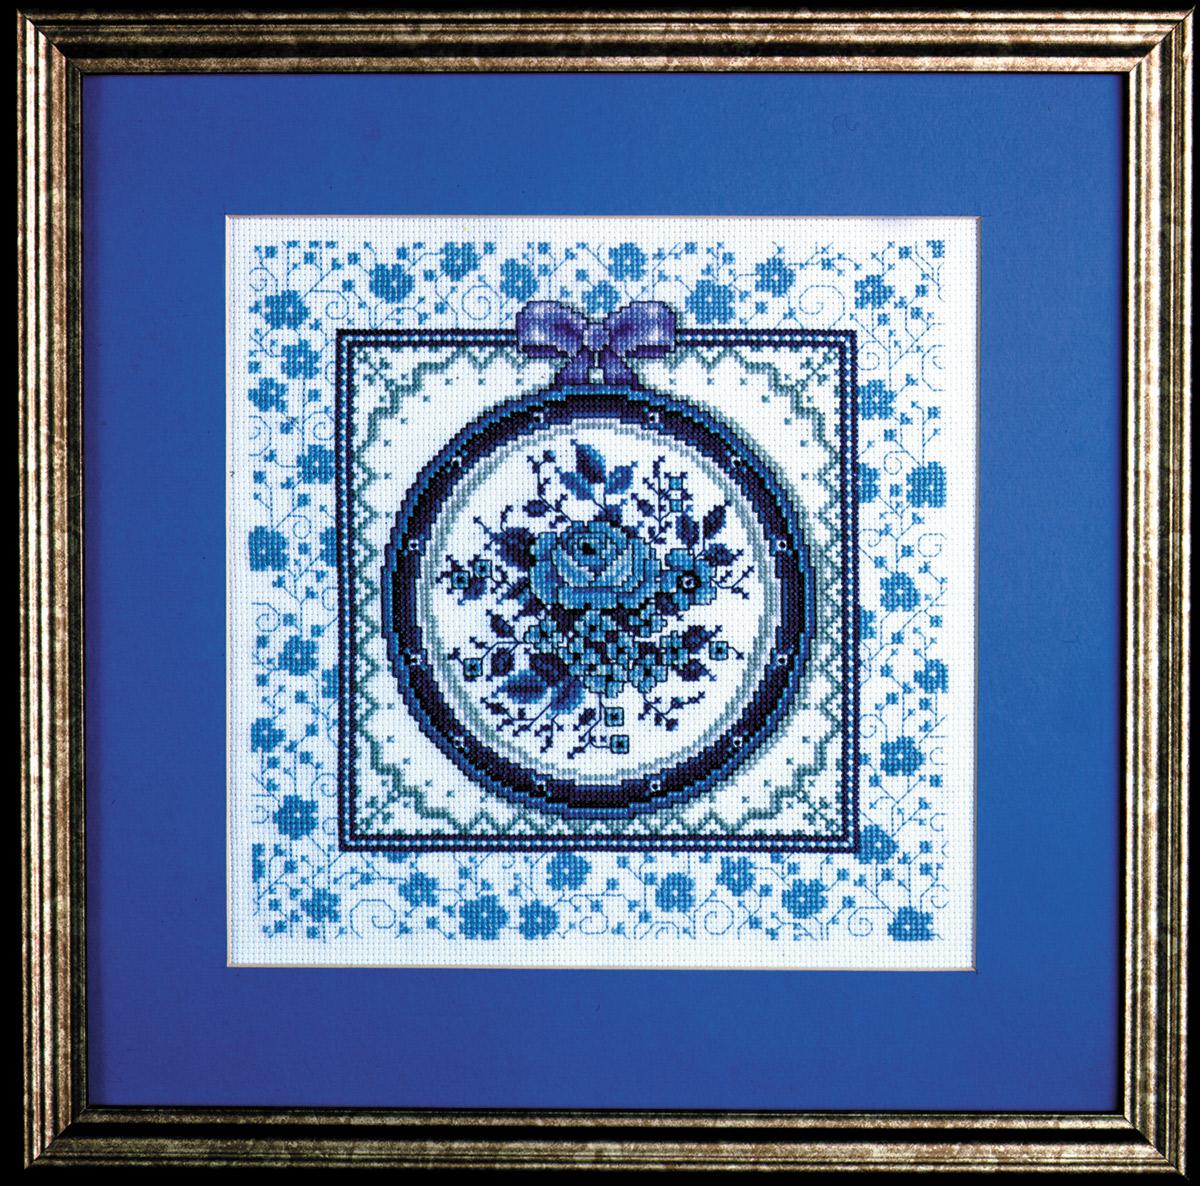 Набор для вышивания крестом Design Works Тарелка с синим рисунком, 23 х 23 см9974BДизайнер - Джоан Эллиот (Blue Toile Plate, Joan Elliott).Канва Аида 14 (100% хлопок), нитки мулине (100% хлопок), игла, подробная инструкция со схемой вышивки на русском языке